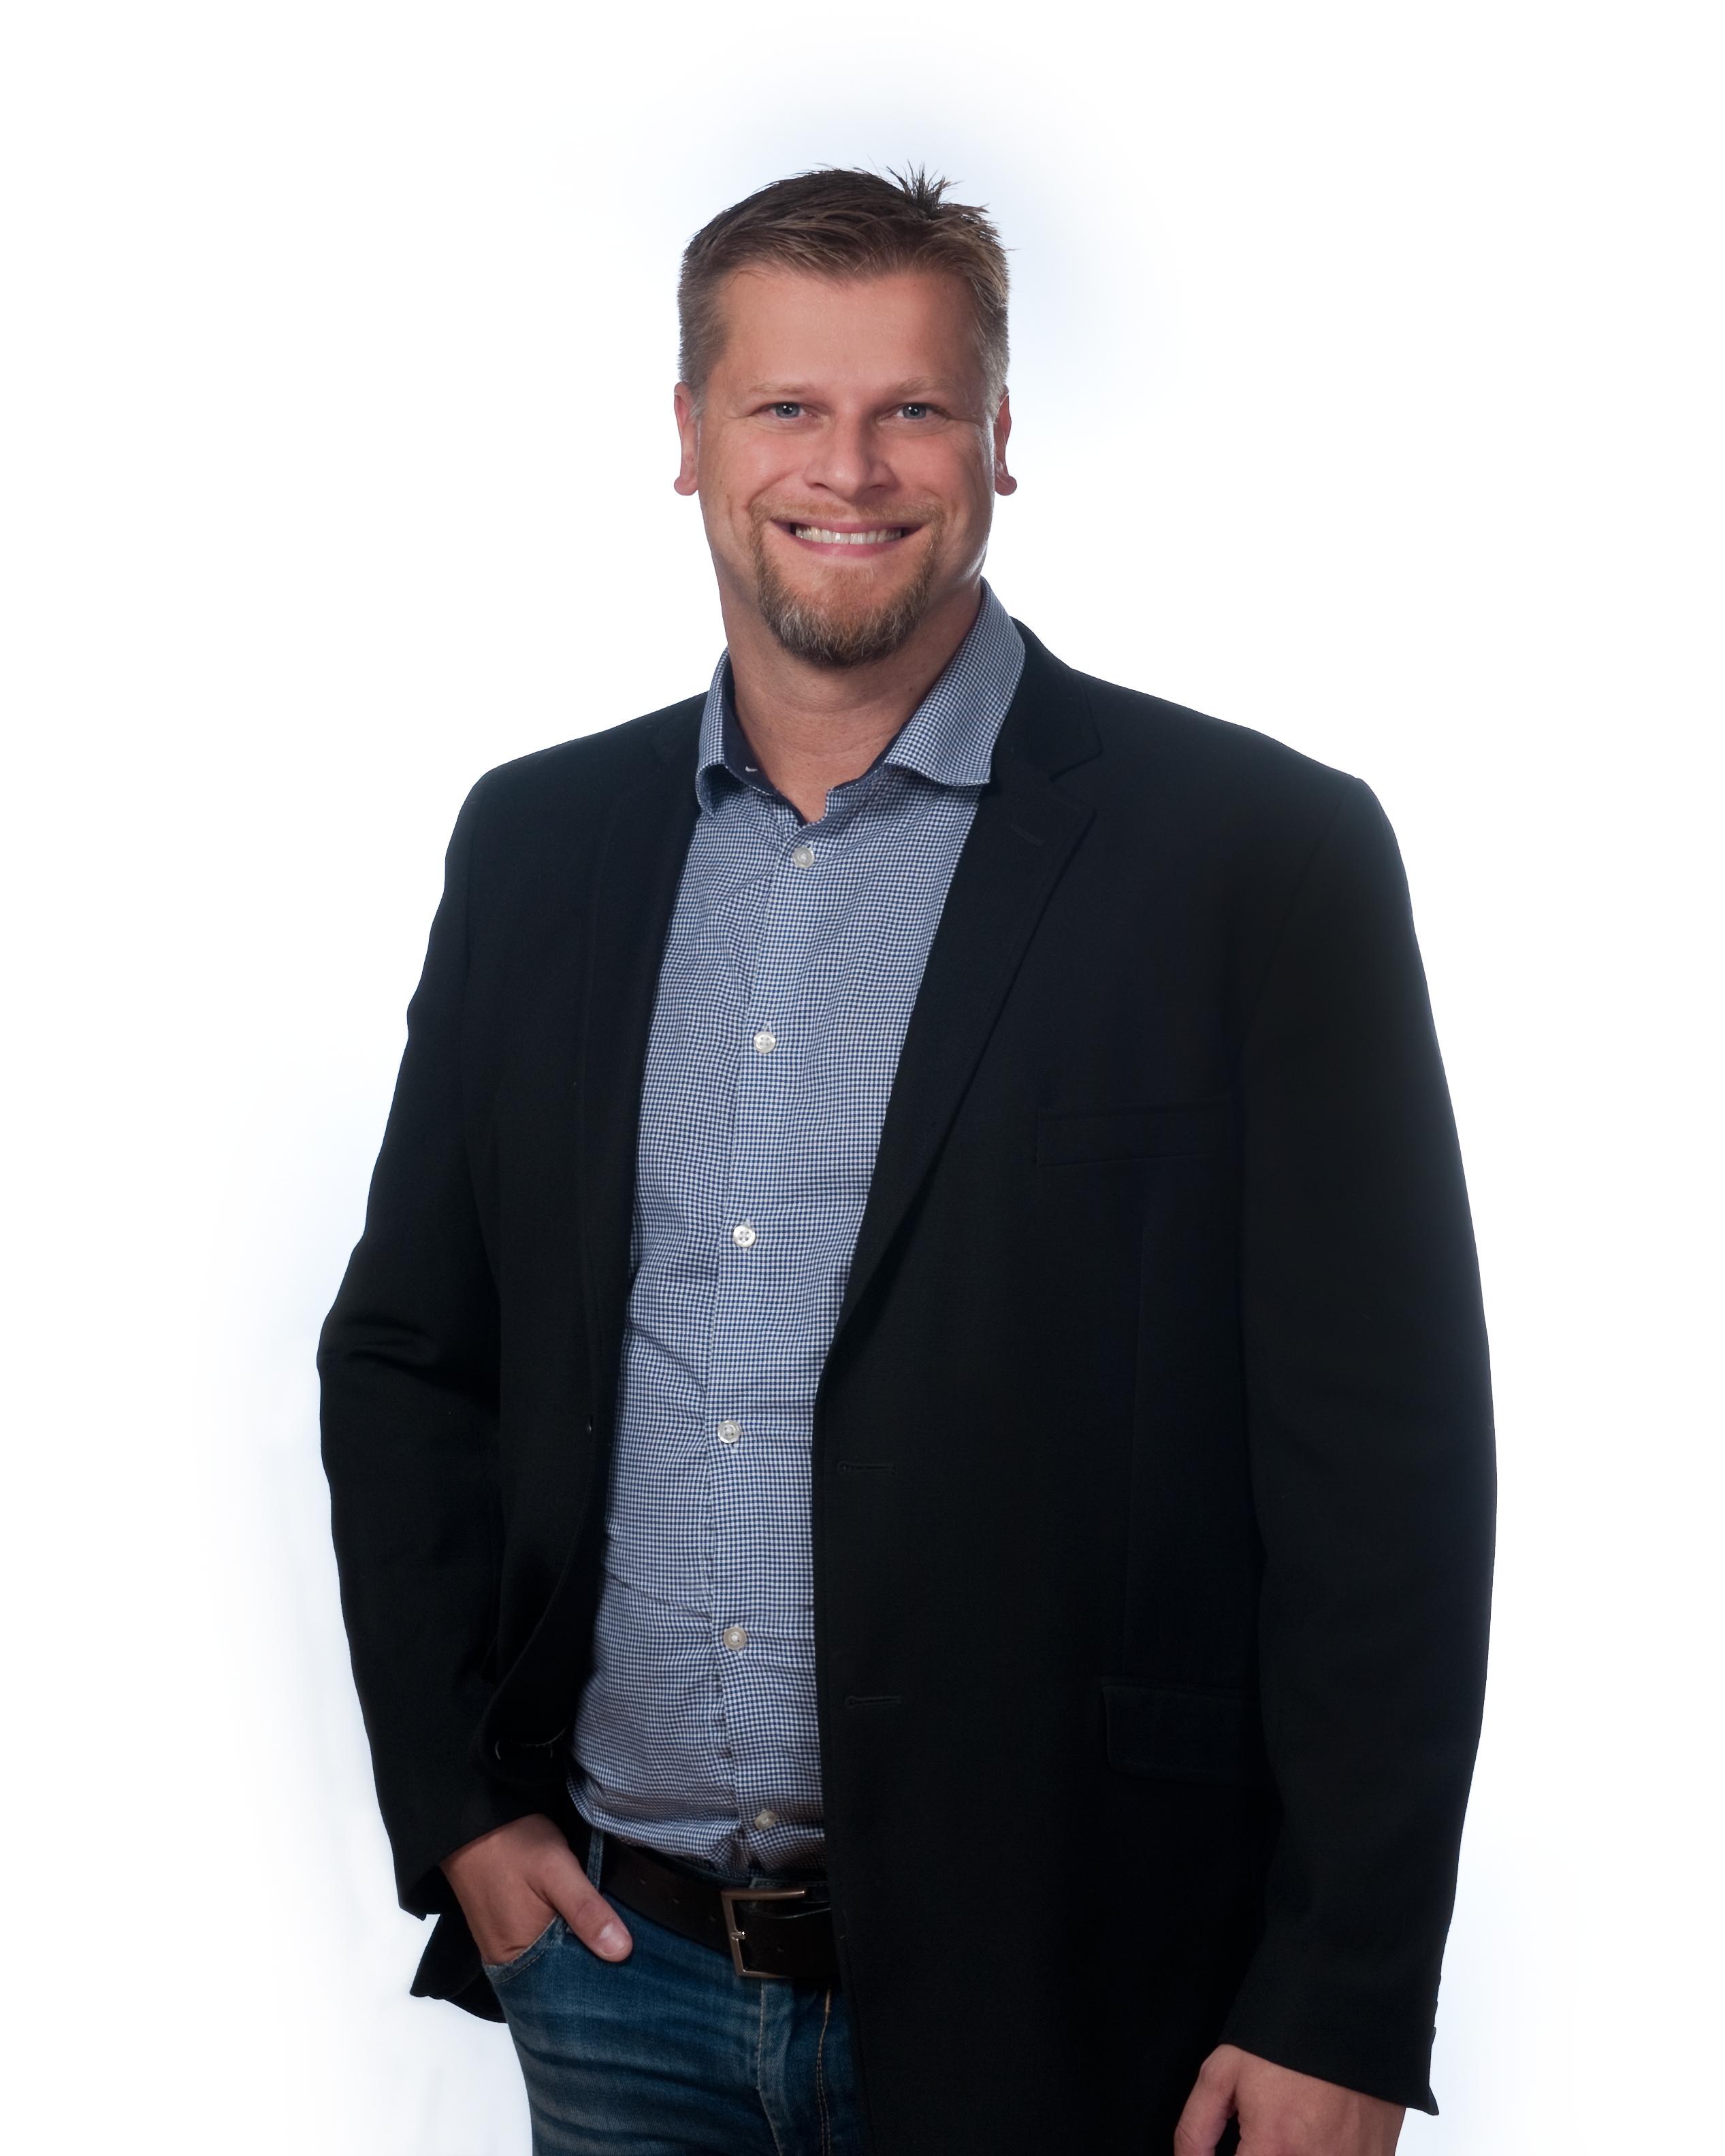 Picture of Olli Petäjä